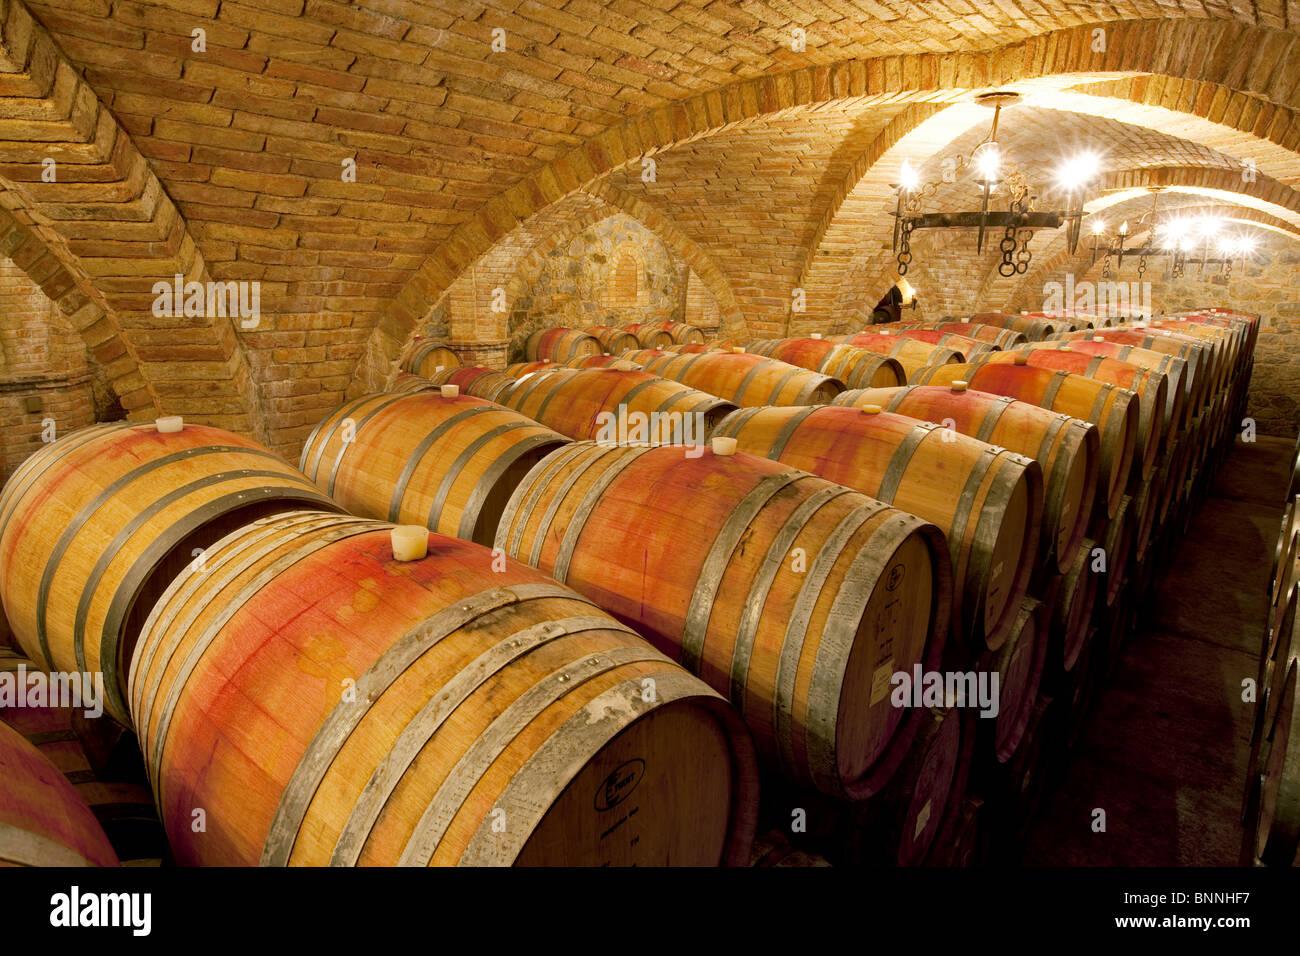 El envejecimiento en barricas de vino en bodega. Castello di Amerorosa. Napa Valley, California. Salió de la Imagen De Stock